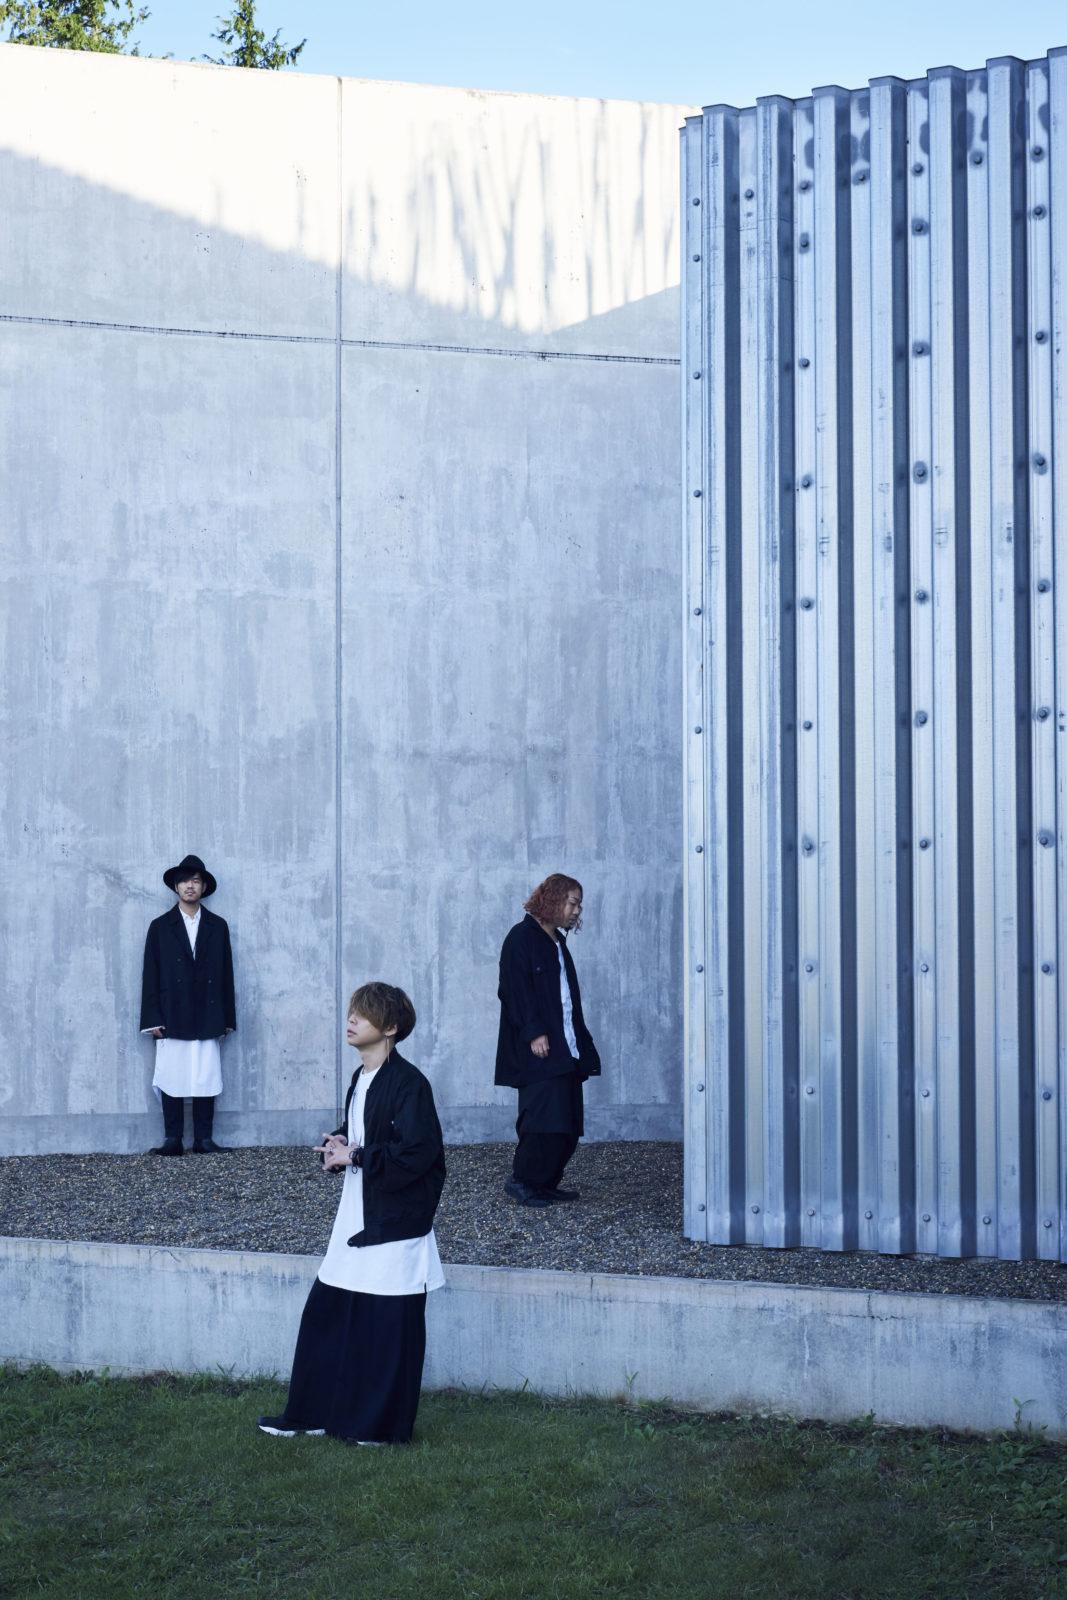 CIVILIAN、自主企画対バンツアー「INCIDENT619」に中田裕二、さユリ、GARNiDELiAの出演が決定!サムネイル画像